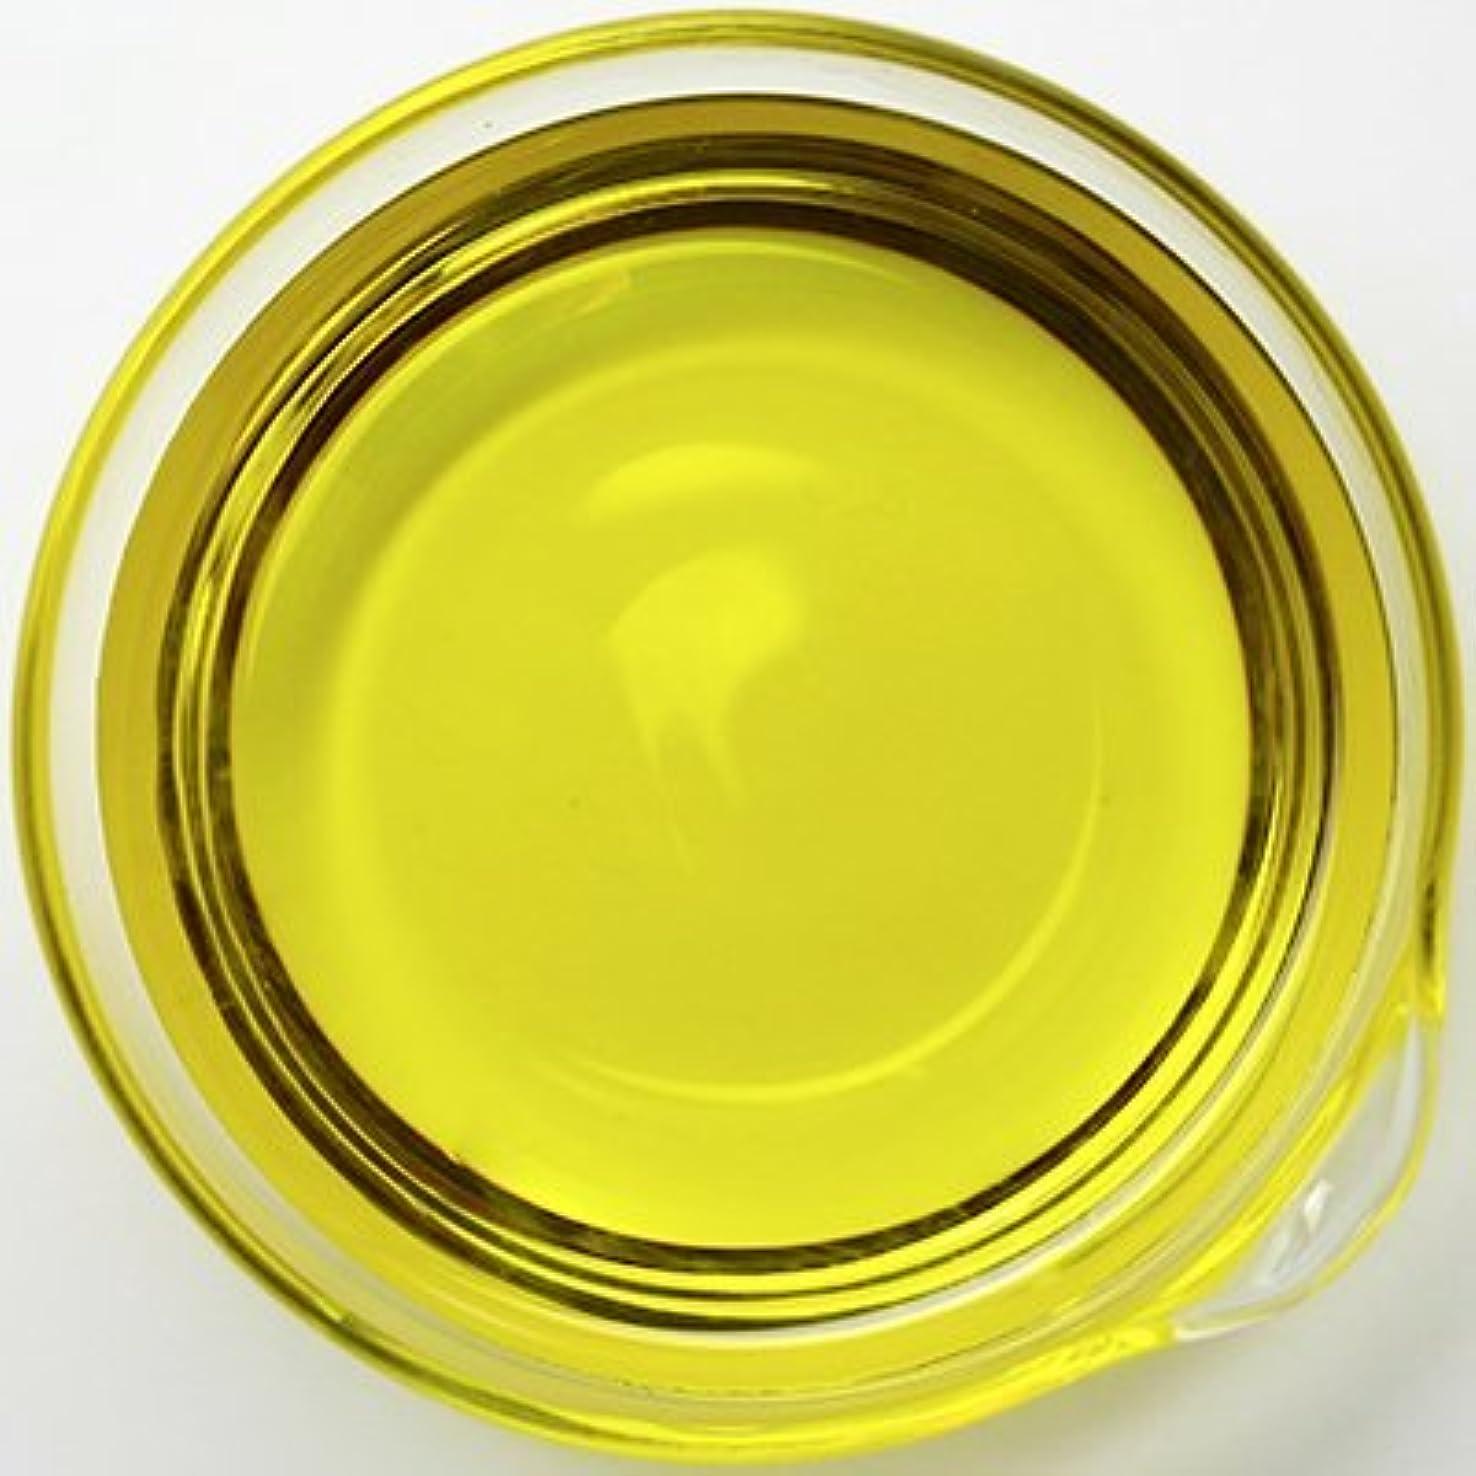 オーガニック アルニカオイル [アルニカ抽出油] 250ml 【アルニカ油/手作り石鹸/手作りコスメ/美容オイル/キャリアオイル/マッサージオイル】【birth】